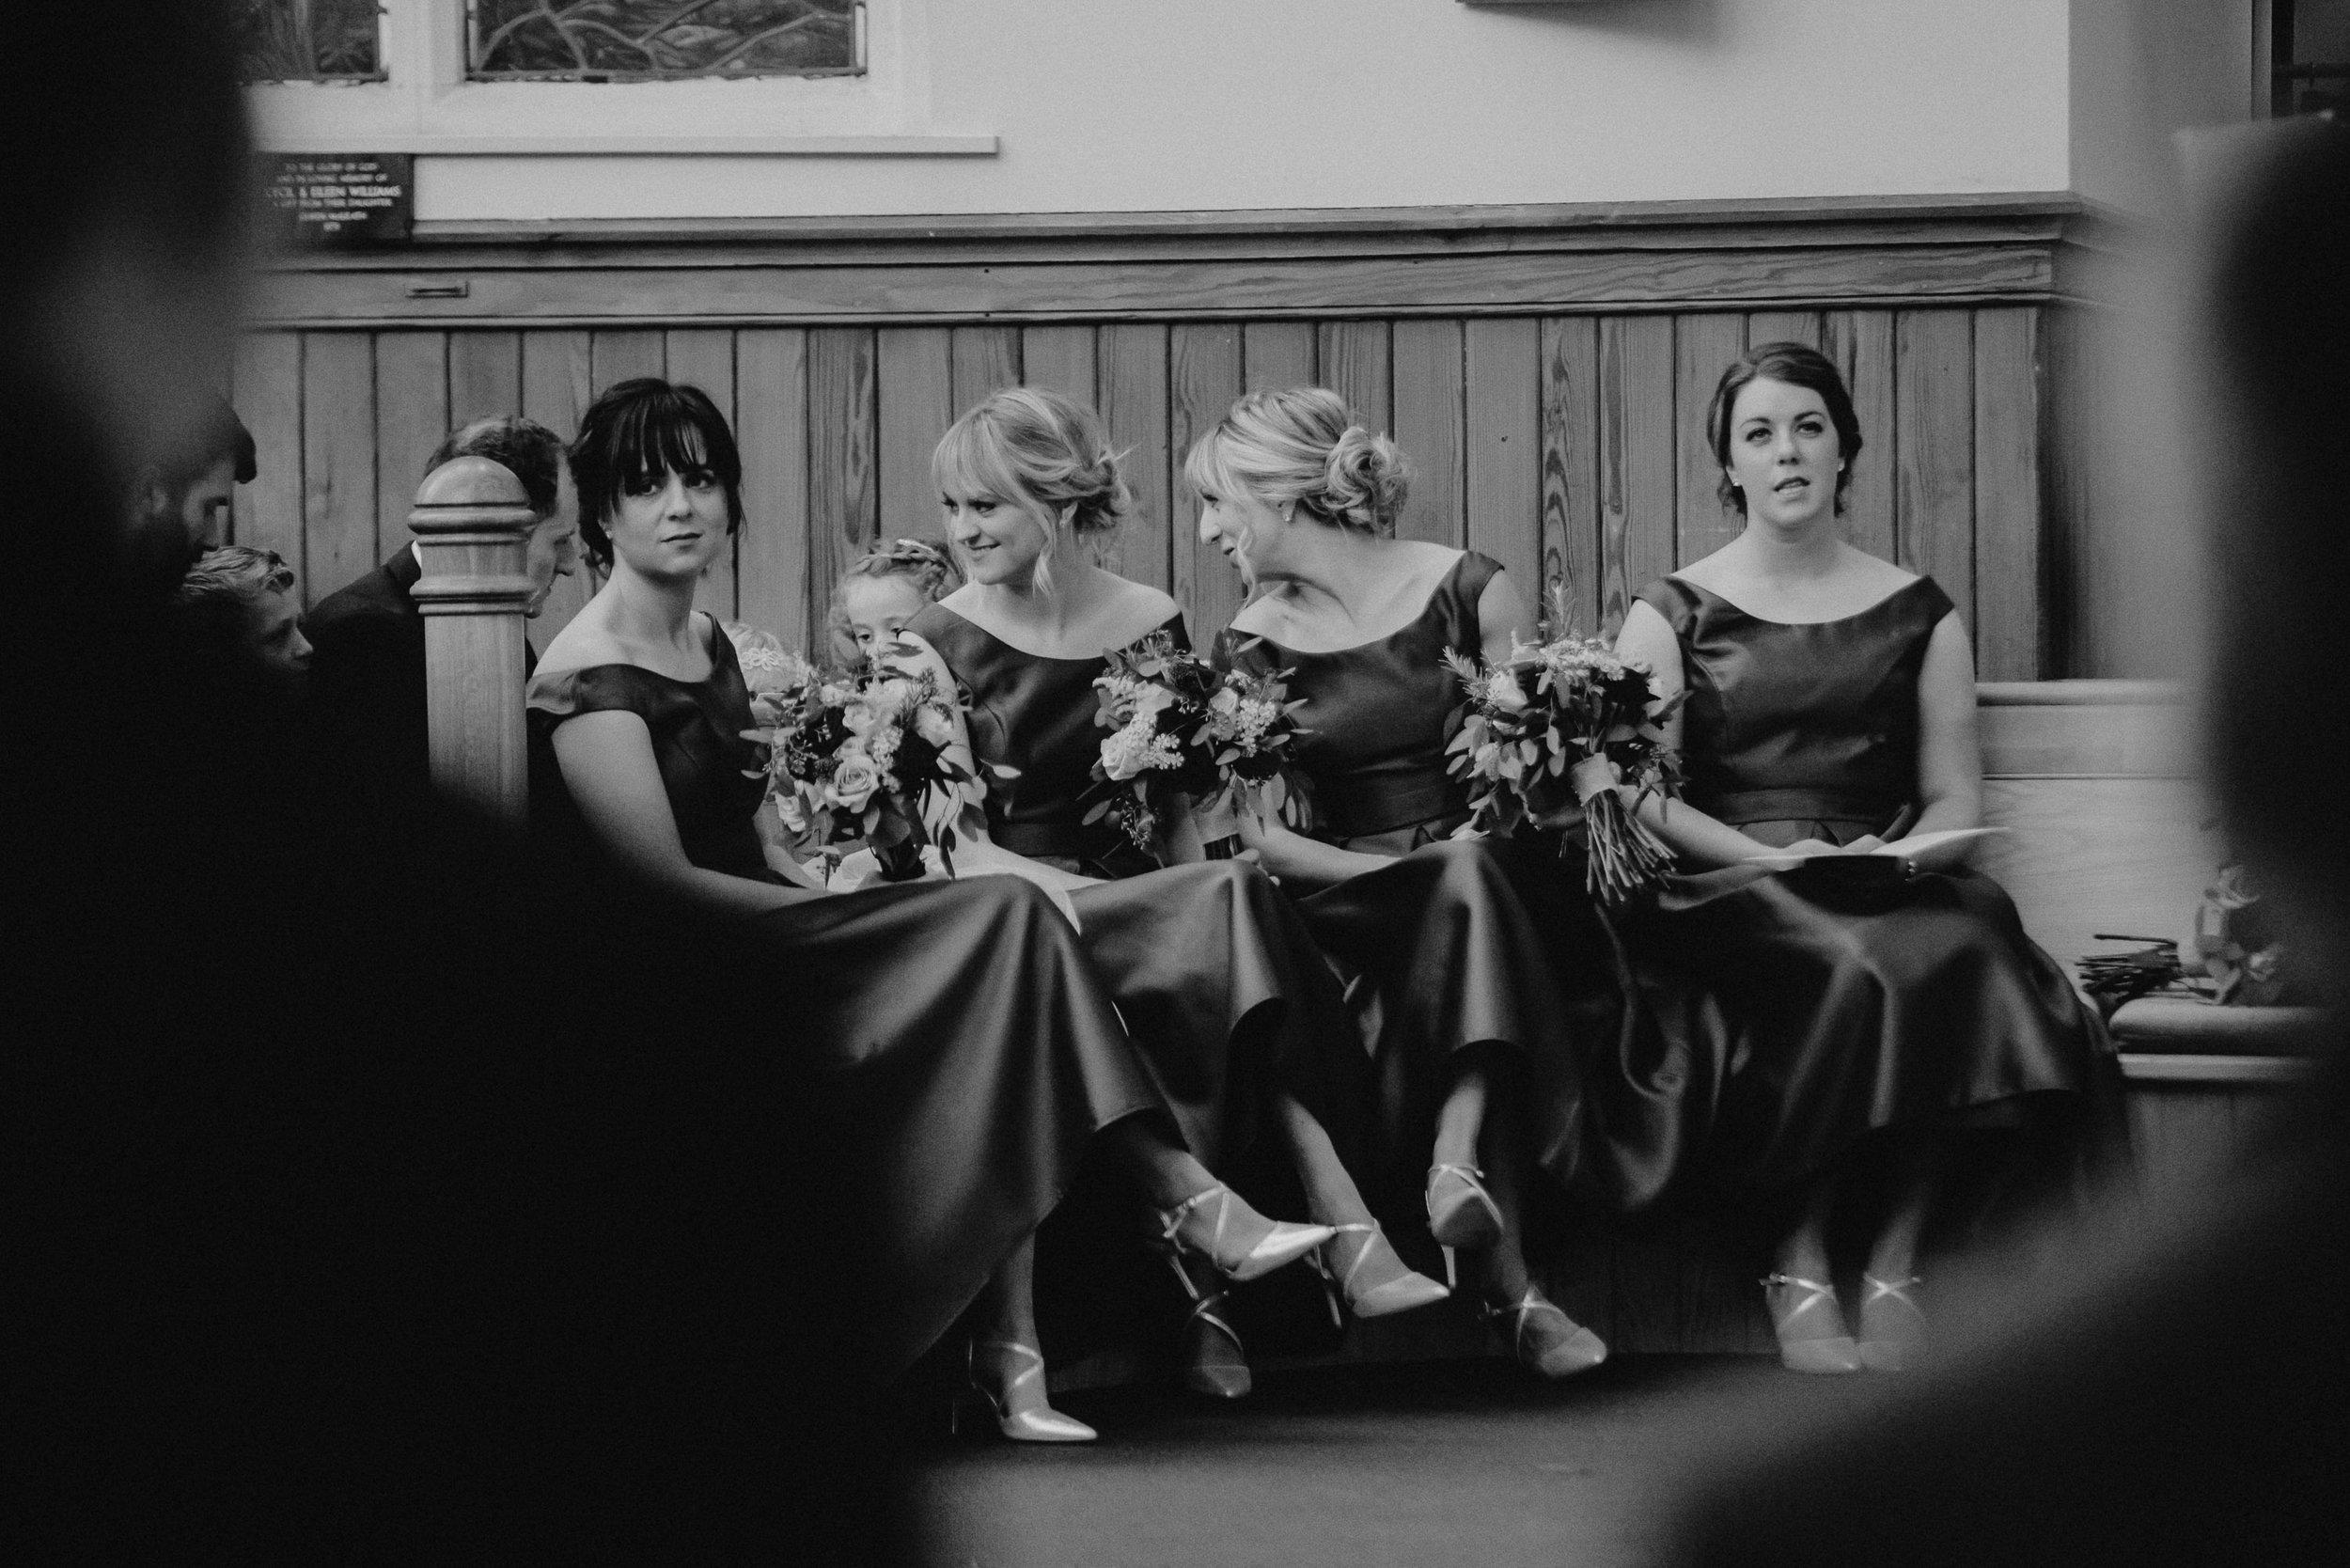 larchfield estate wedding photos-55.jpg